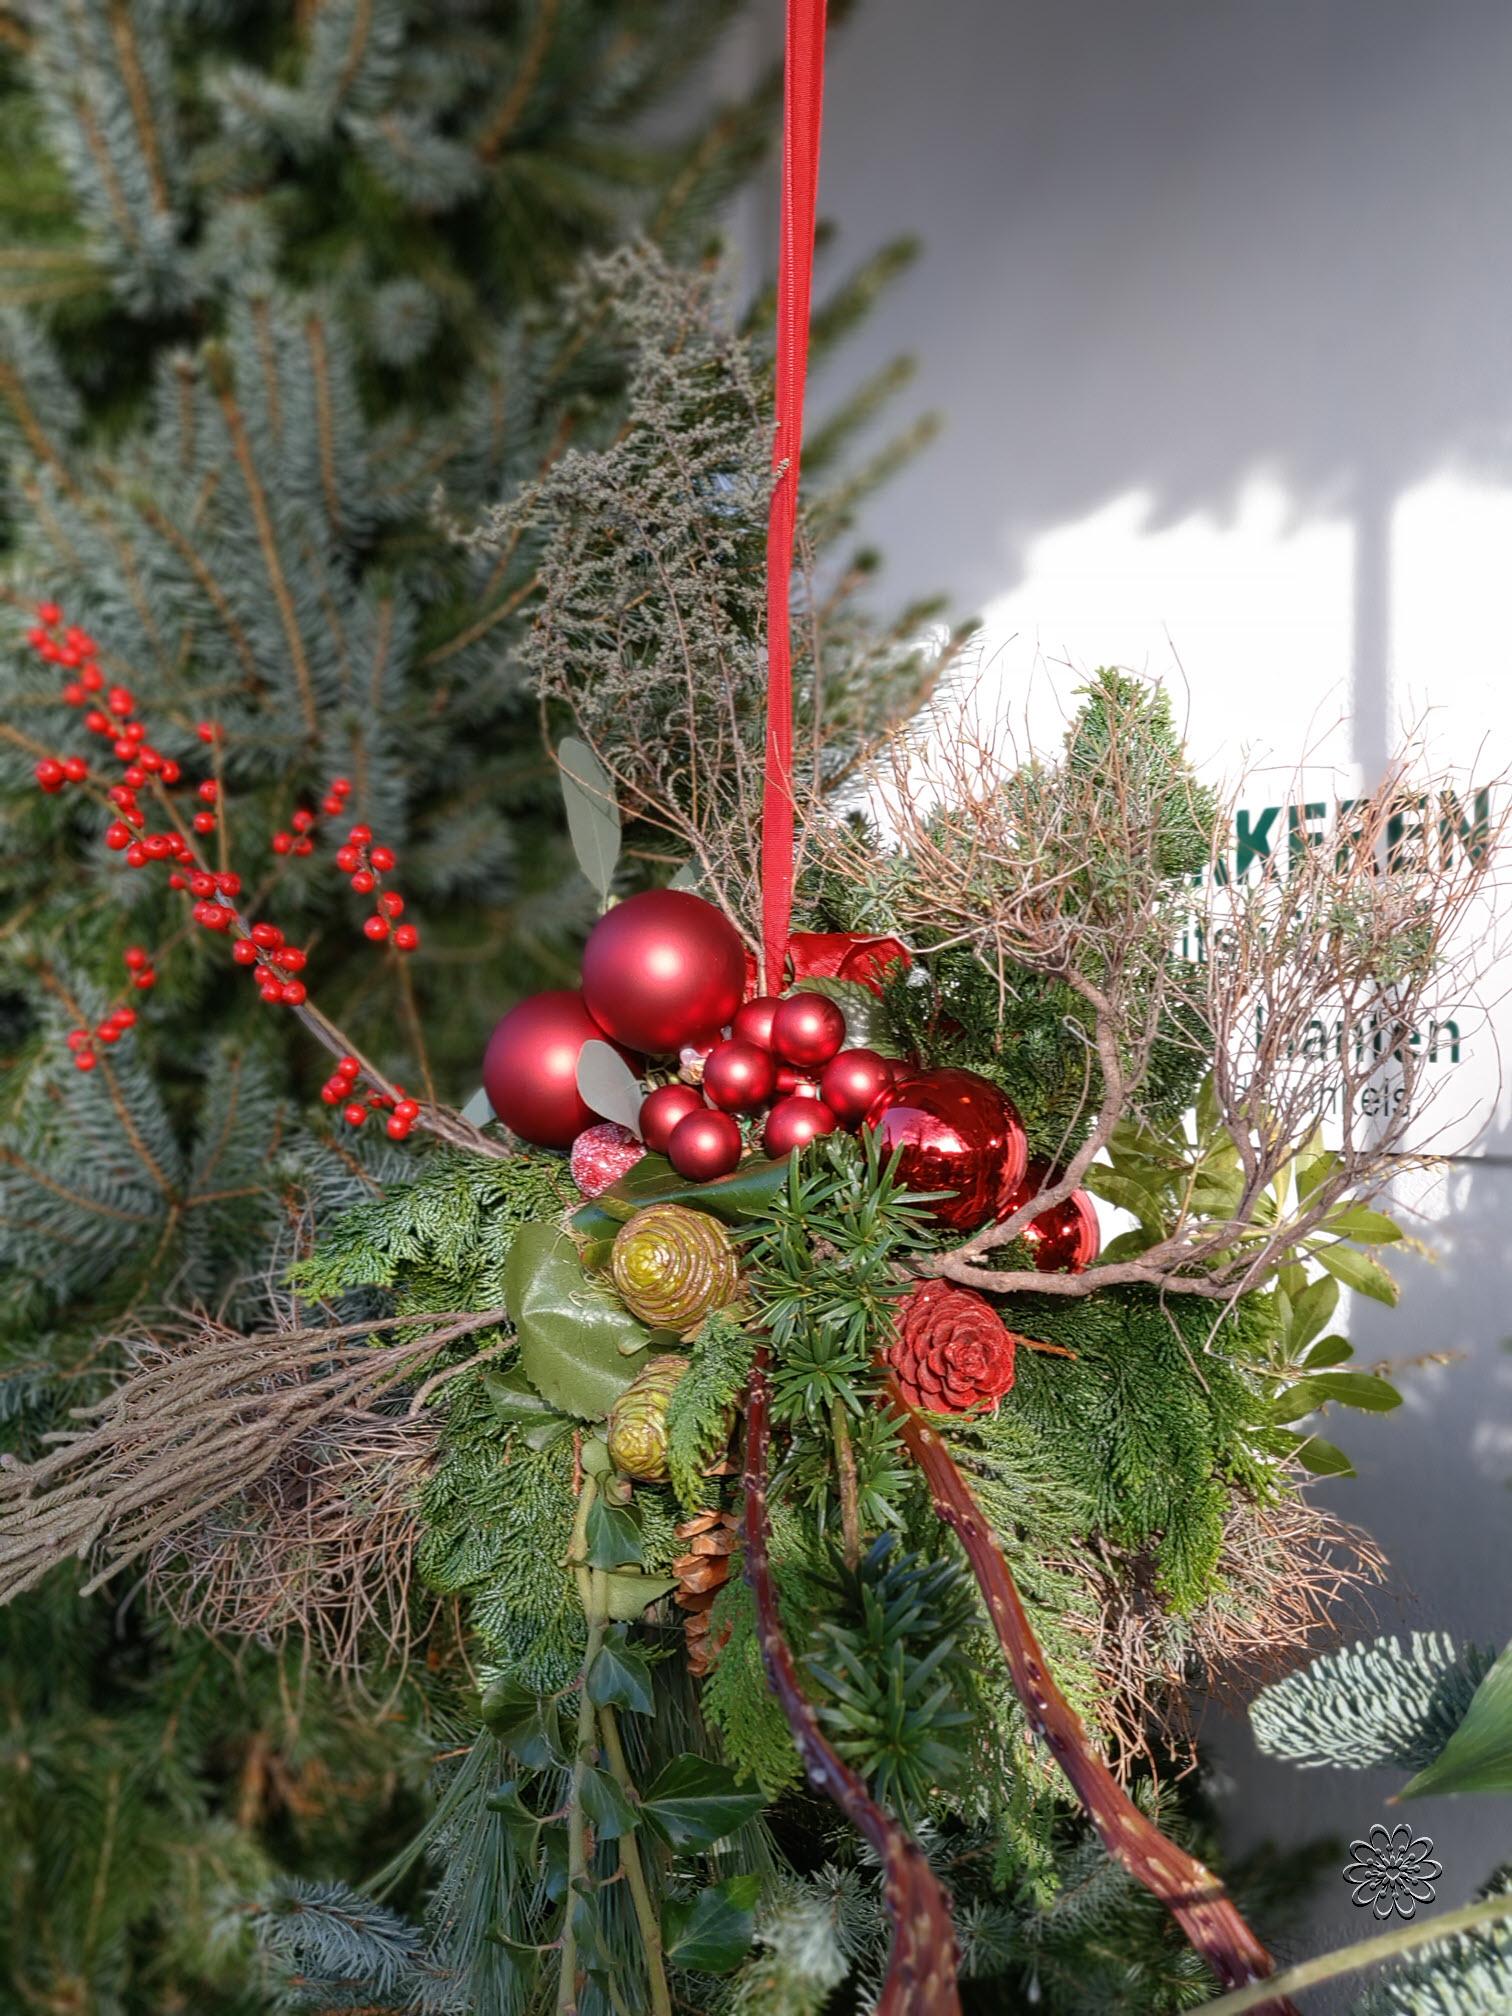 201812-Bloemsierkunst-Groeneveld-Kerst-Haren-Groningen-29